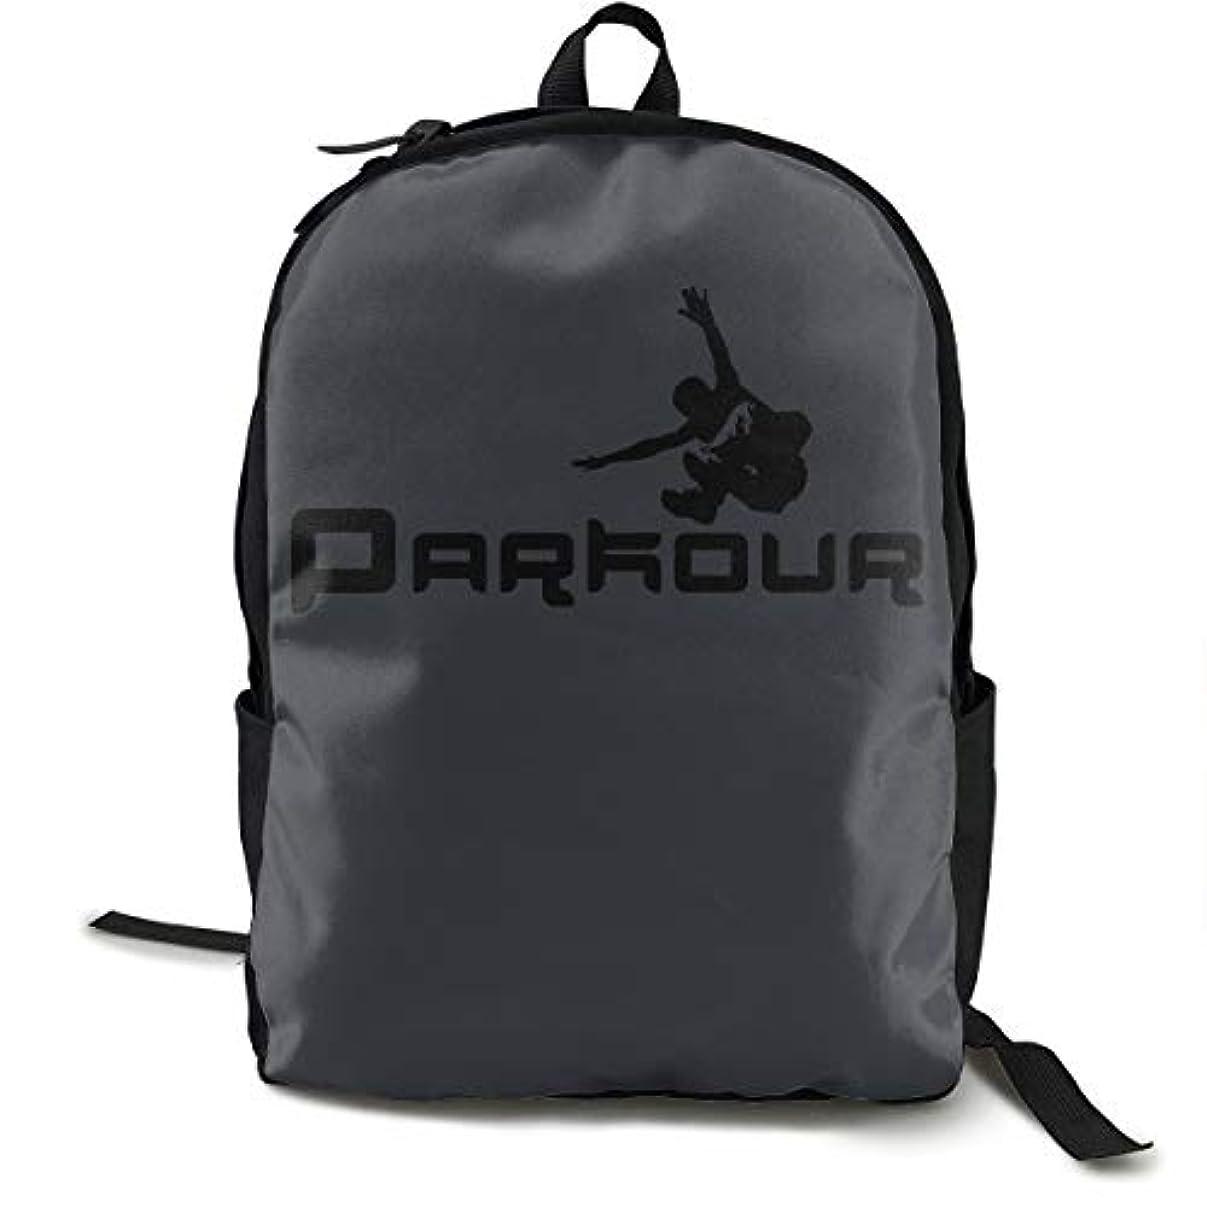 スチュワード理容師調べるパルクール PK カッコいい 飛ぶ ジャンプ ストリート Parkour リュックサック バックパック 通学 通勤 出張 旅行 多機能 メンズ レディース 大容量 黒 アウトドアリュック 登山リュック